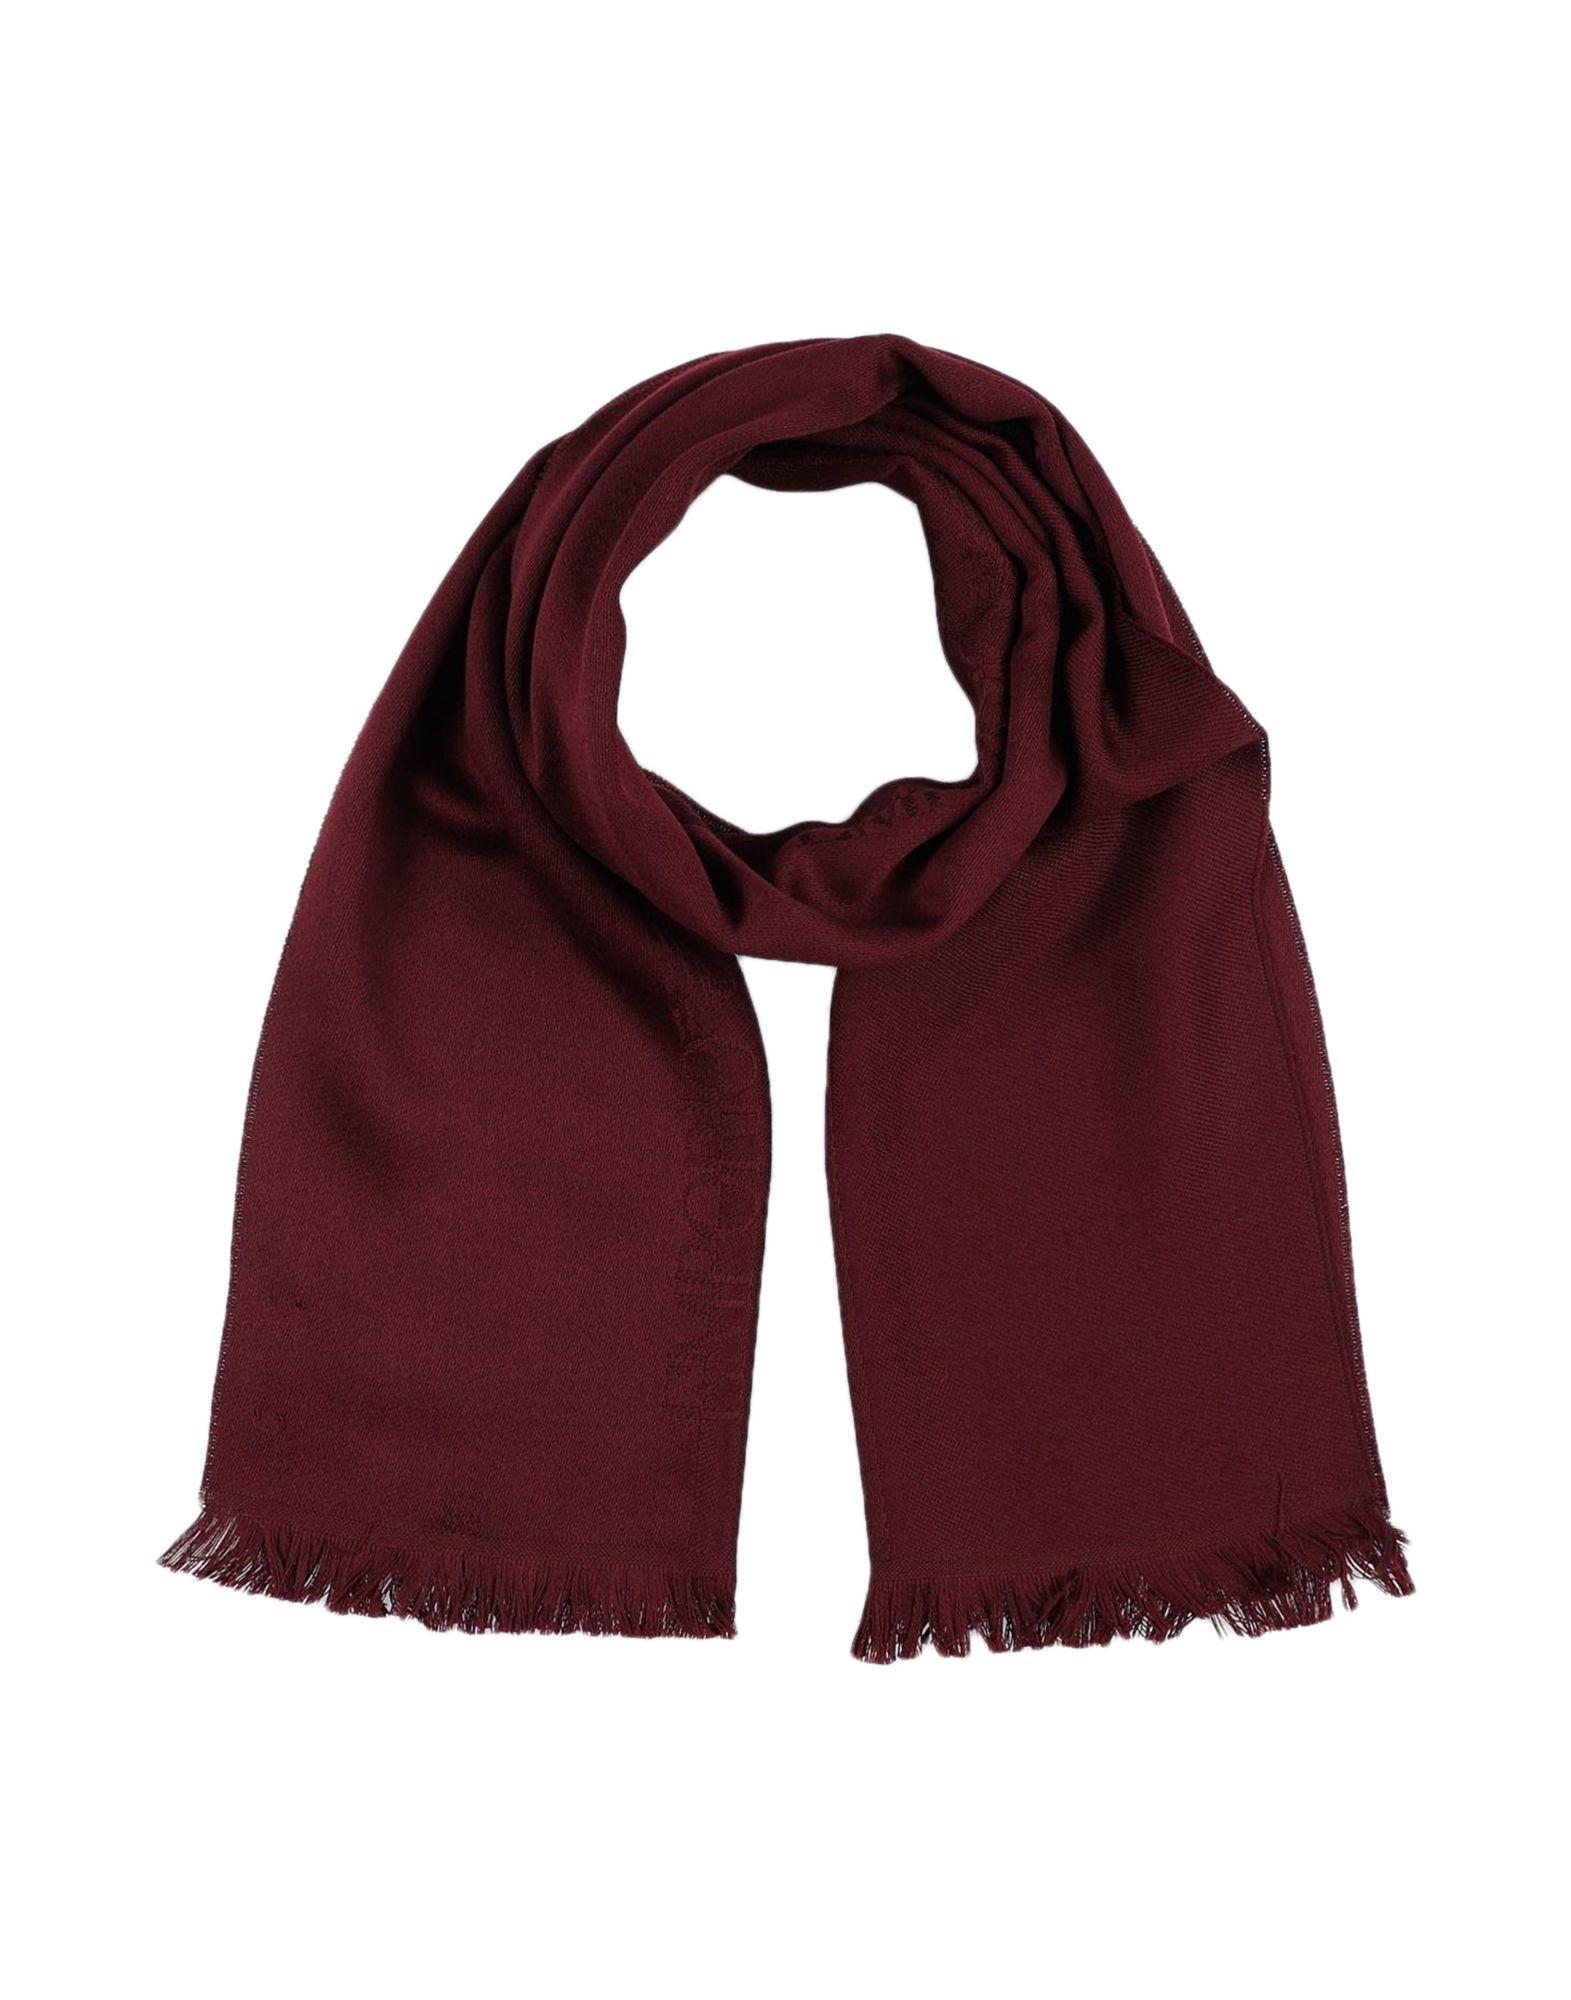 EMPORIO ARMANI Шарф шарф шерстяной ручная работа коричневый шарф шерстяной ручная работа коричневый